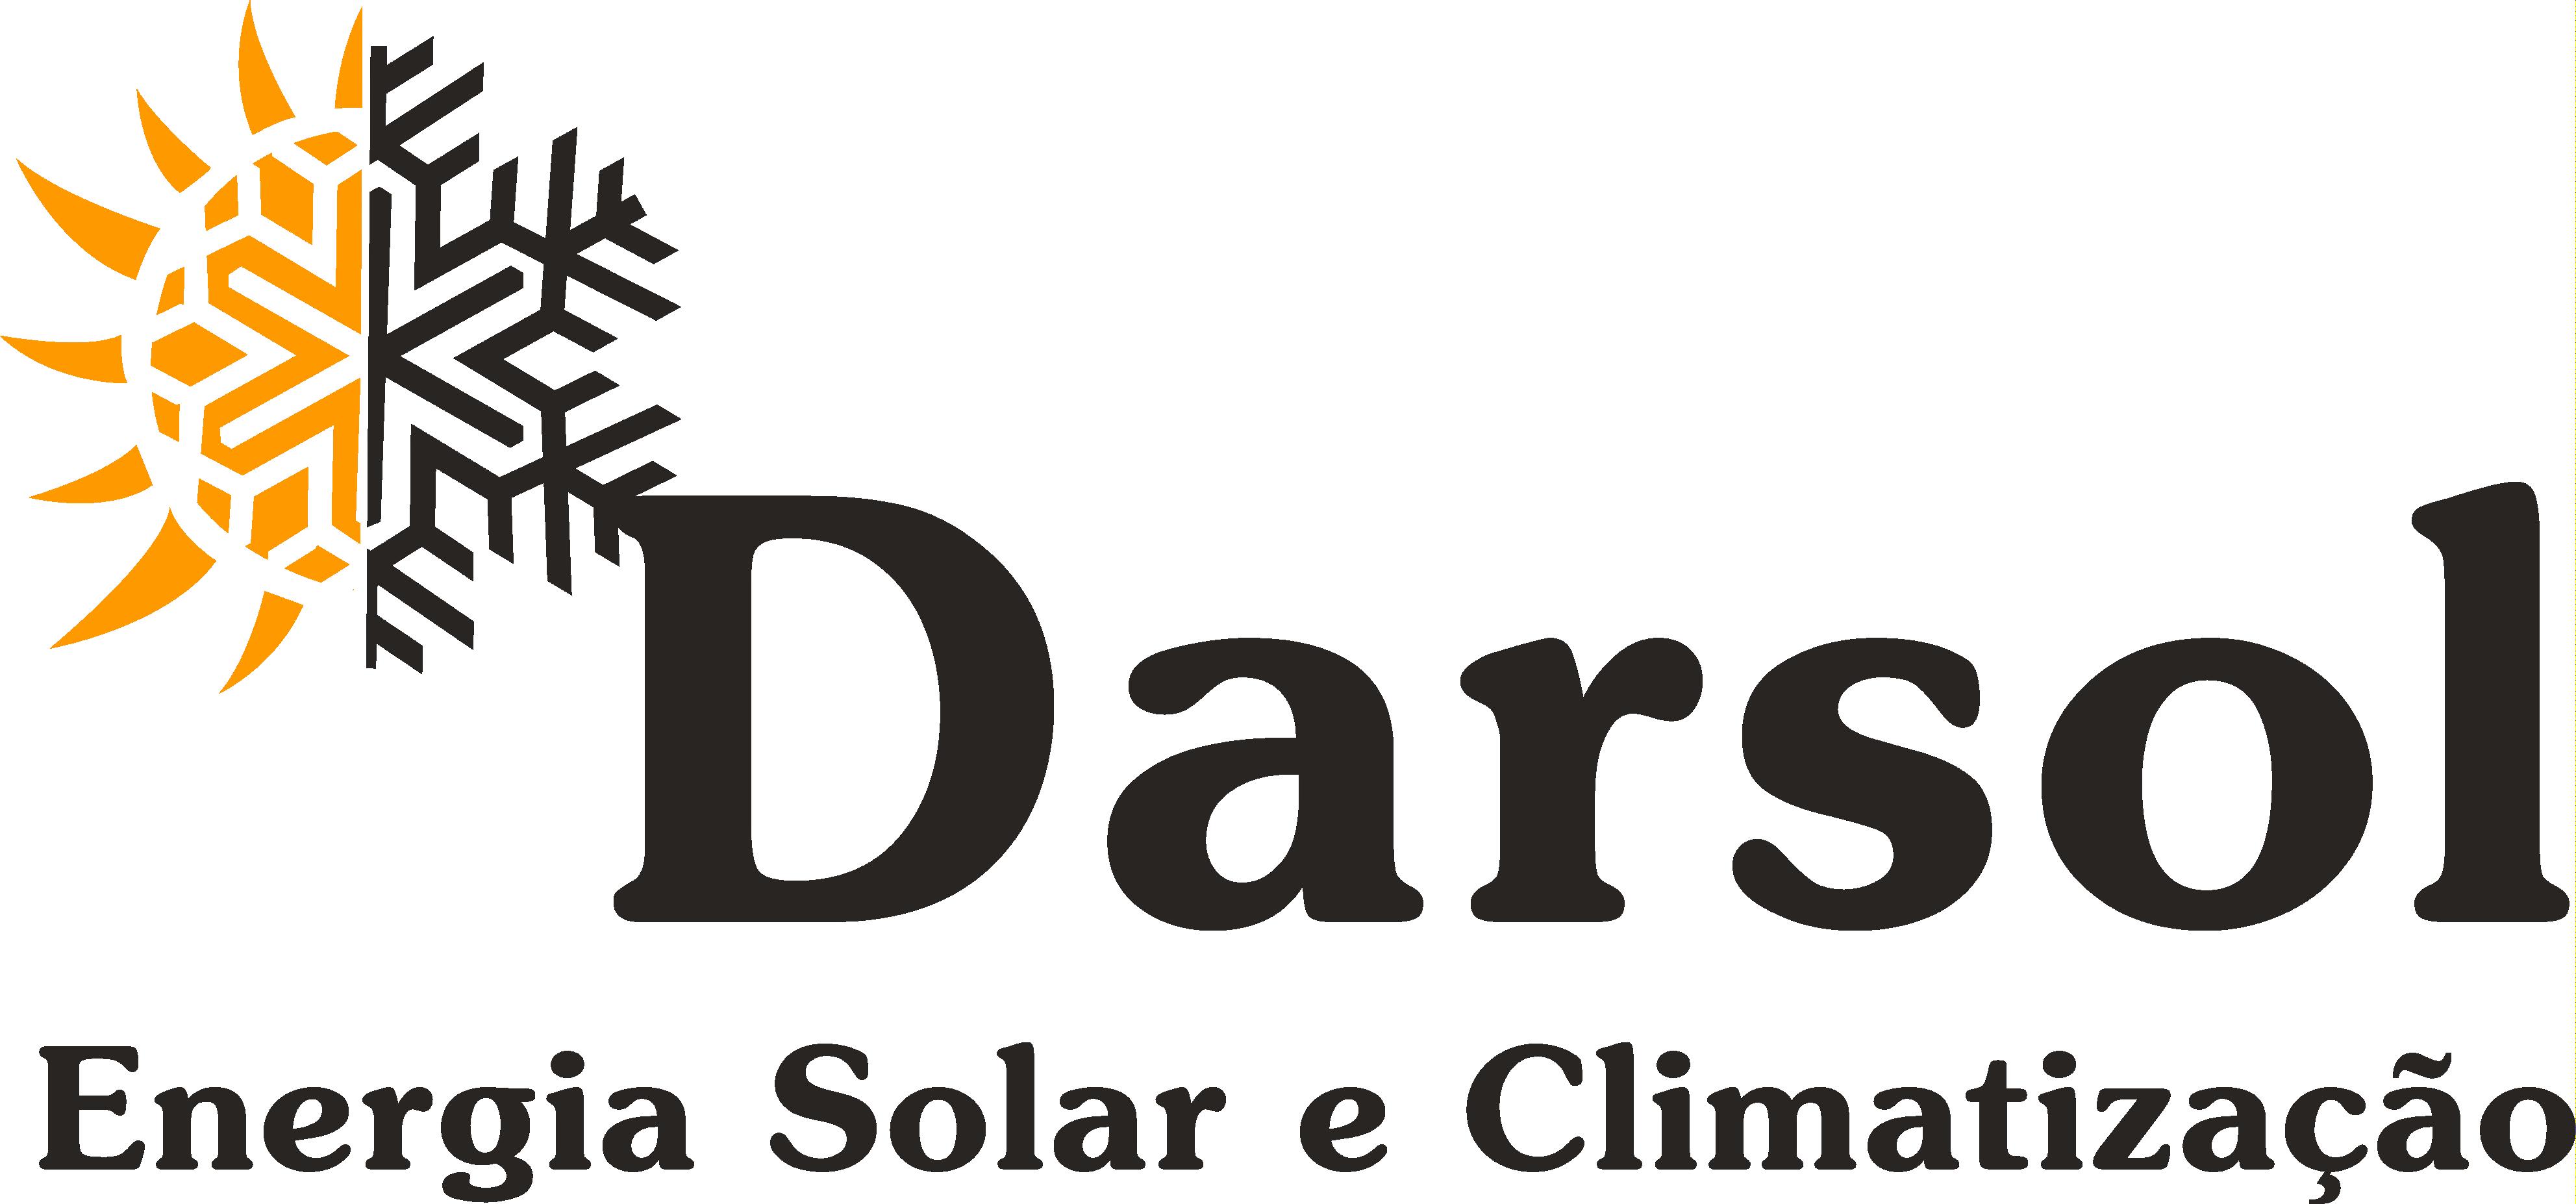 carlos martins junkers logo